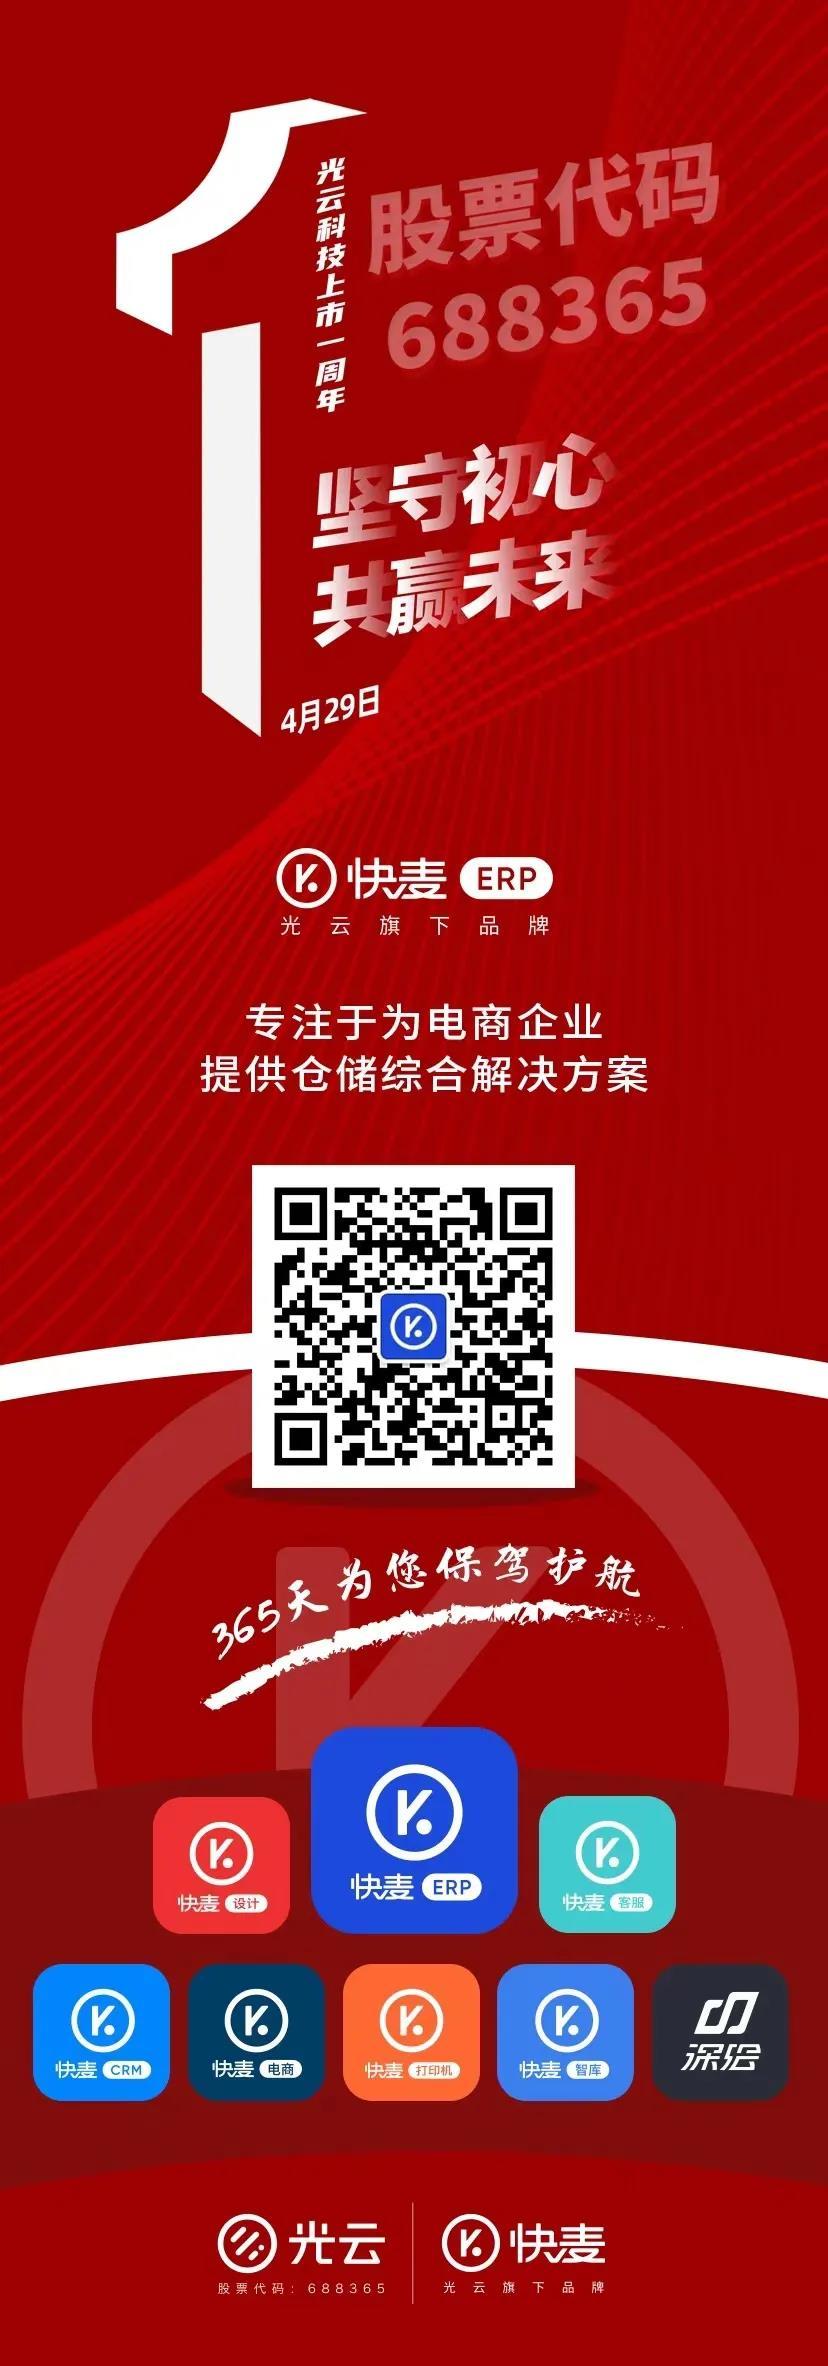 微信图片_20210430174246.jpg